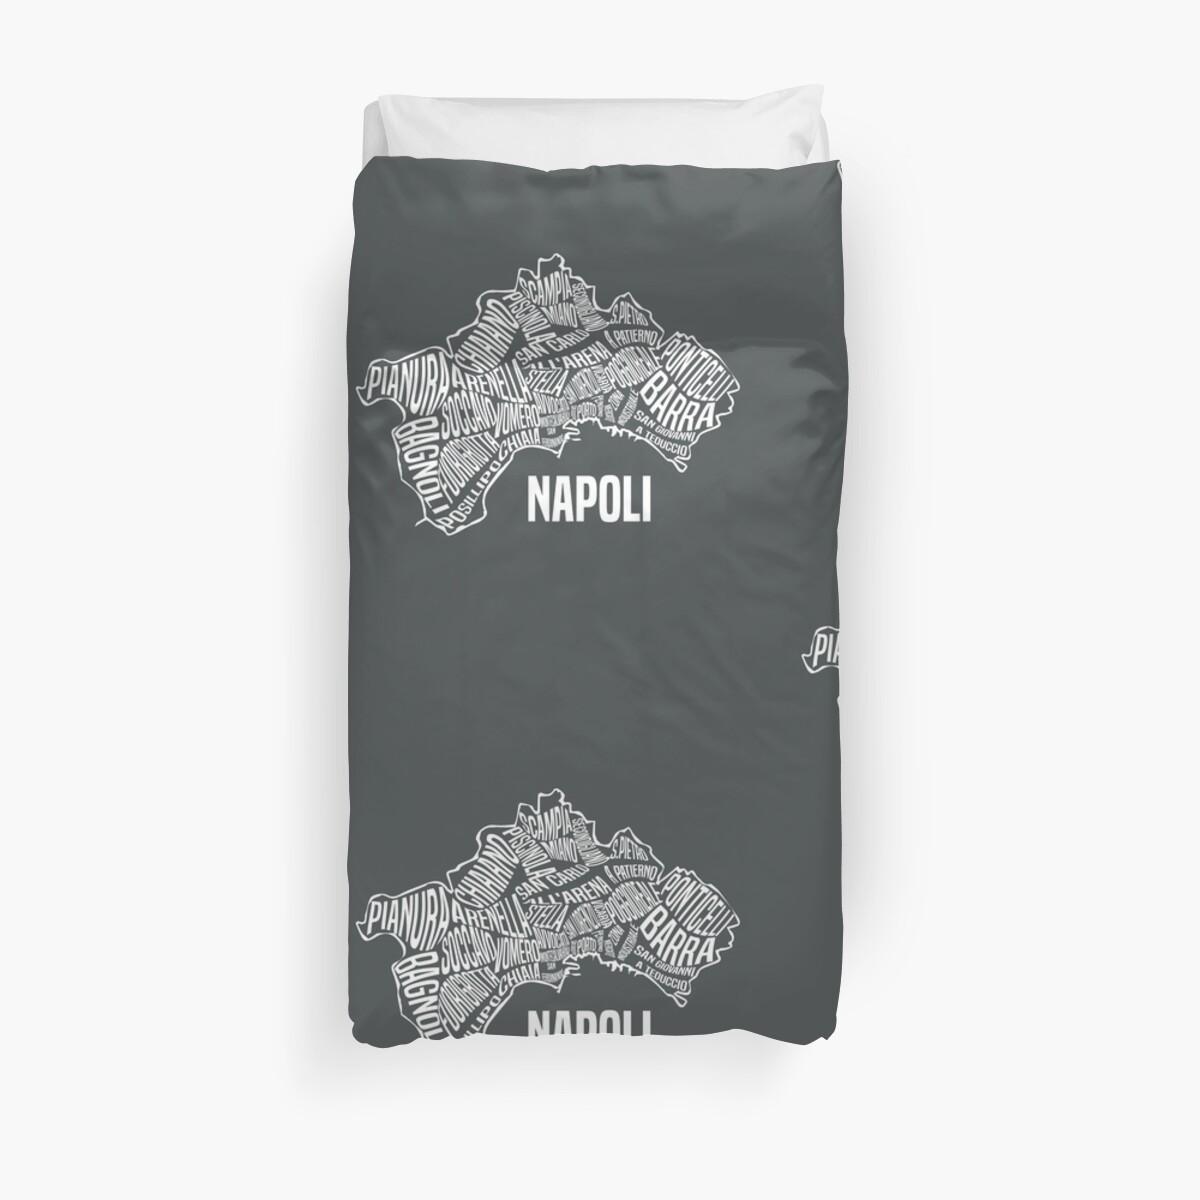 Napoli Map of Naples, Italy - Italian City Gear\